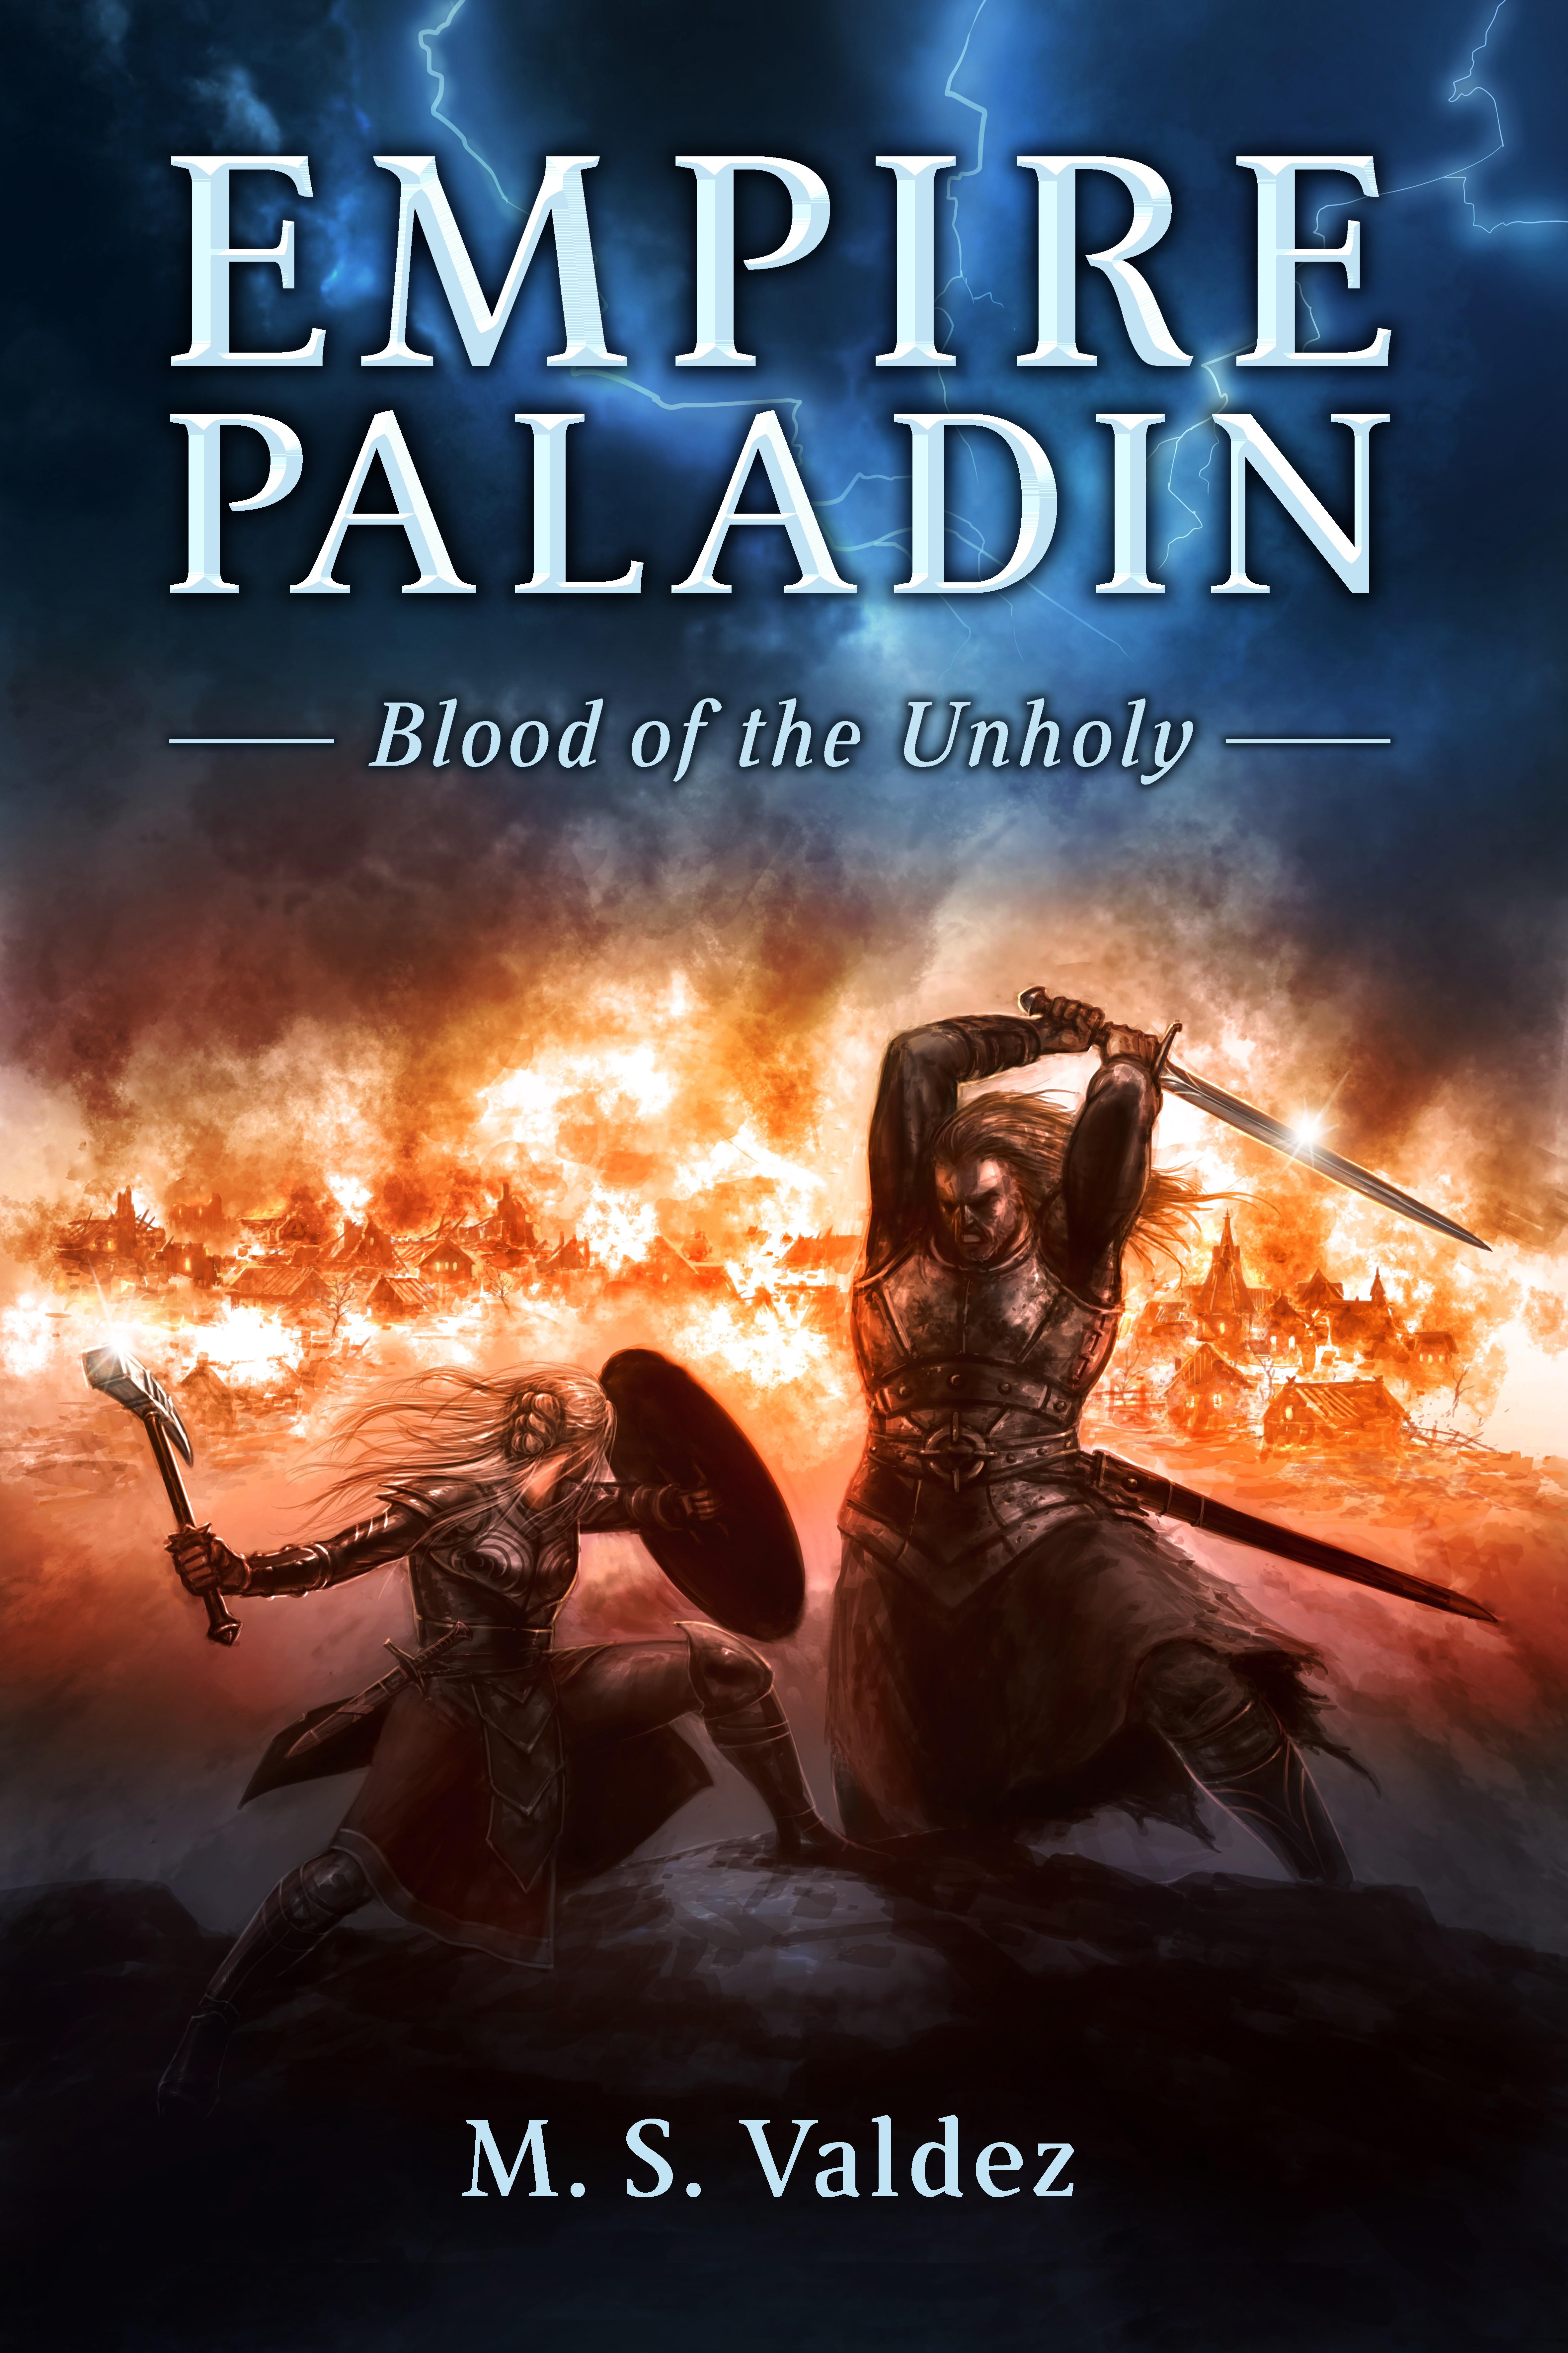 eBook cover illustration - Medieval fantasy novel.